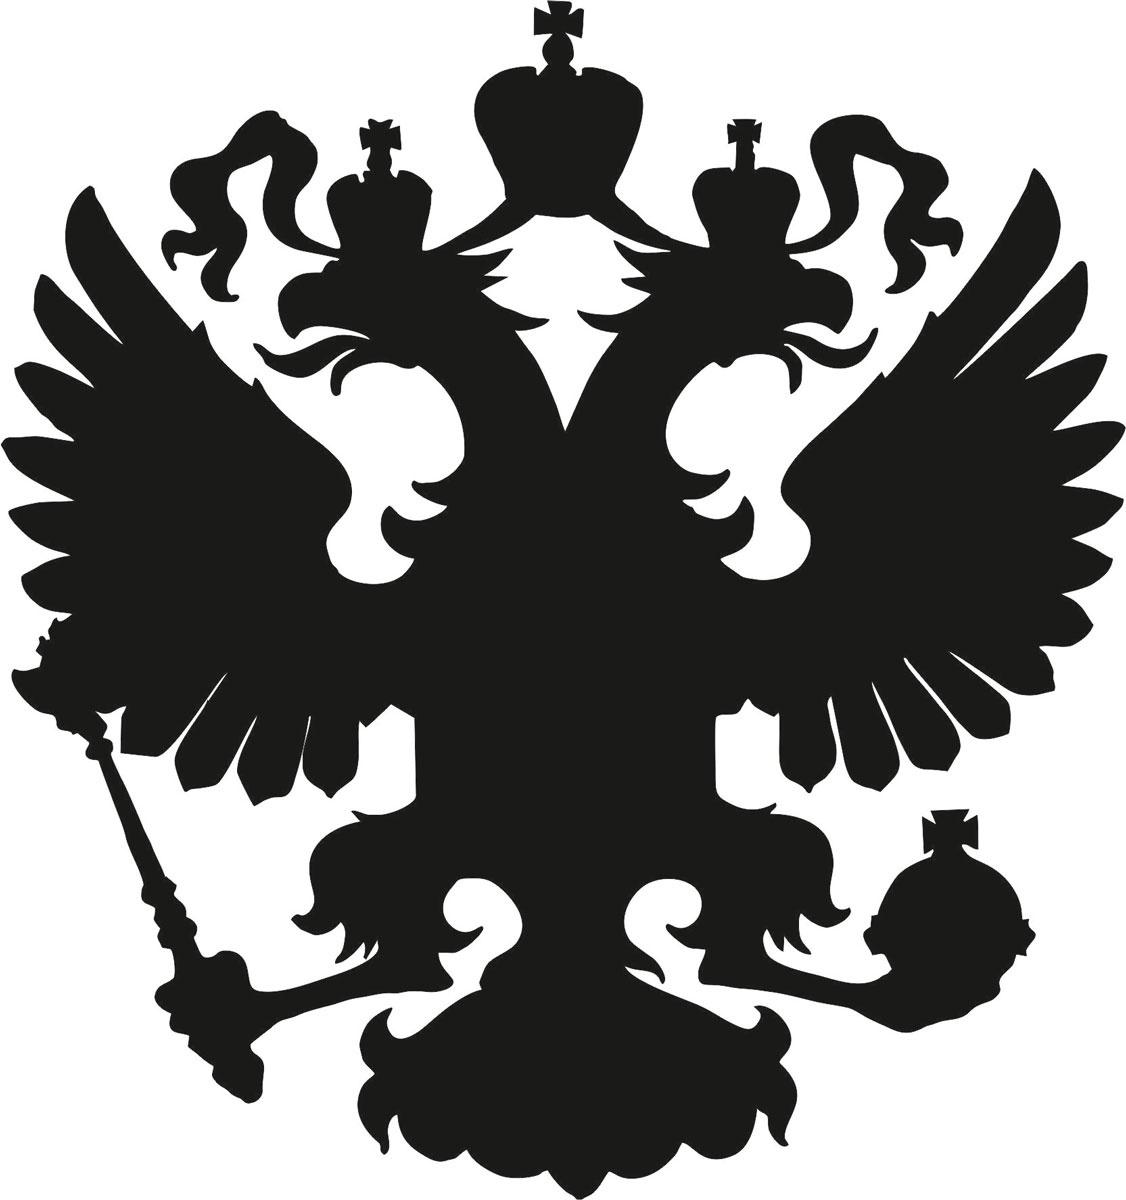 Фото - Наклейка ОранжевыйСлоник виниловая герб России для авто или интерьера, Винил авто